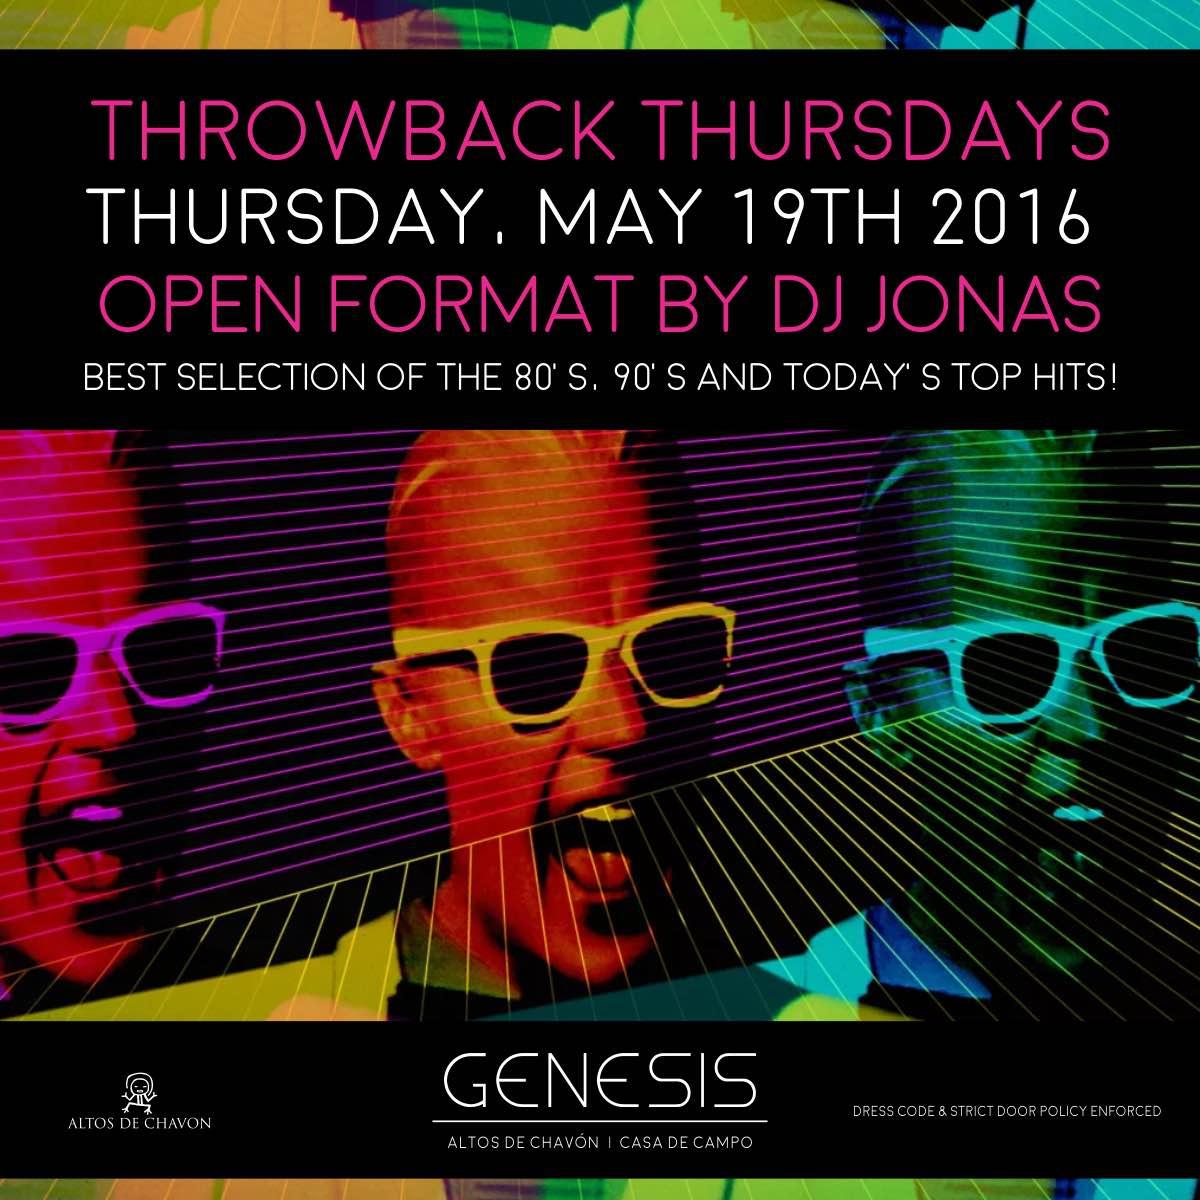 Throwback Thursday at May 2016